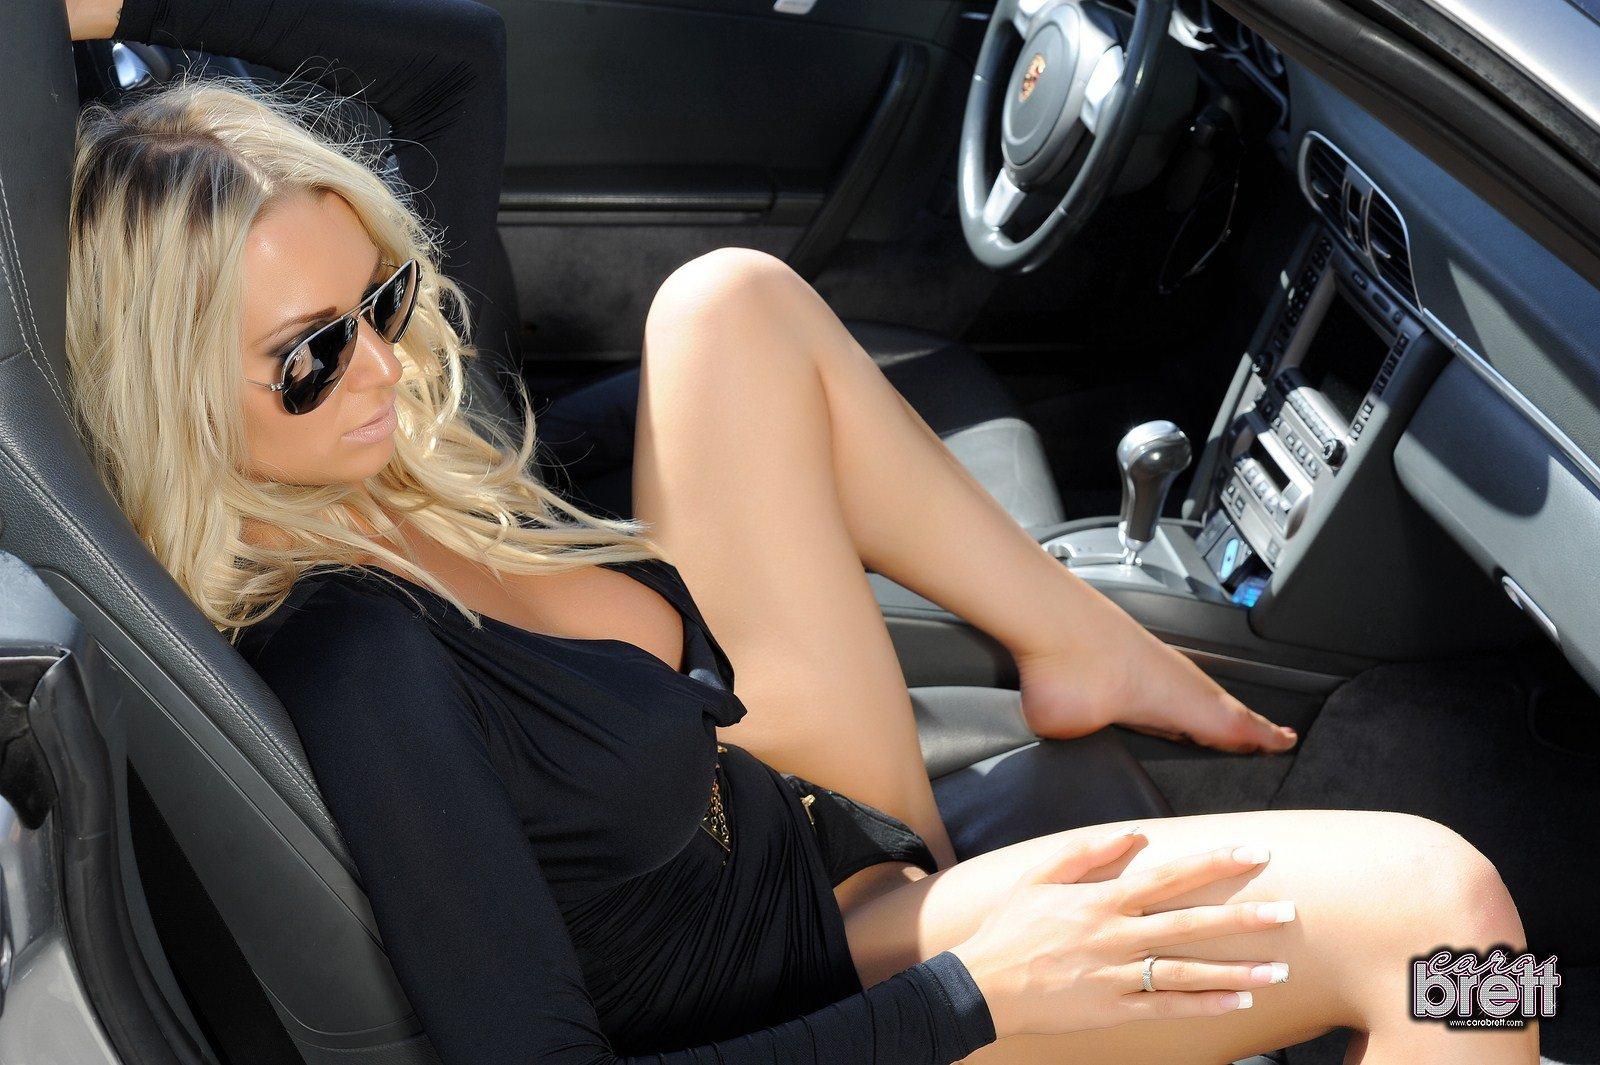 blondinka-golaya-v-mashine